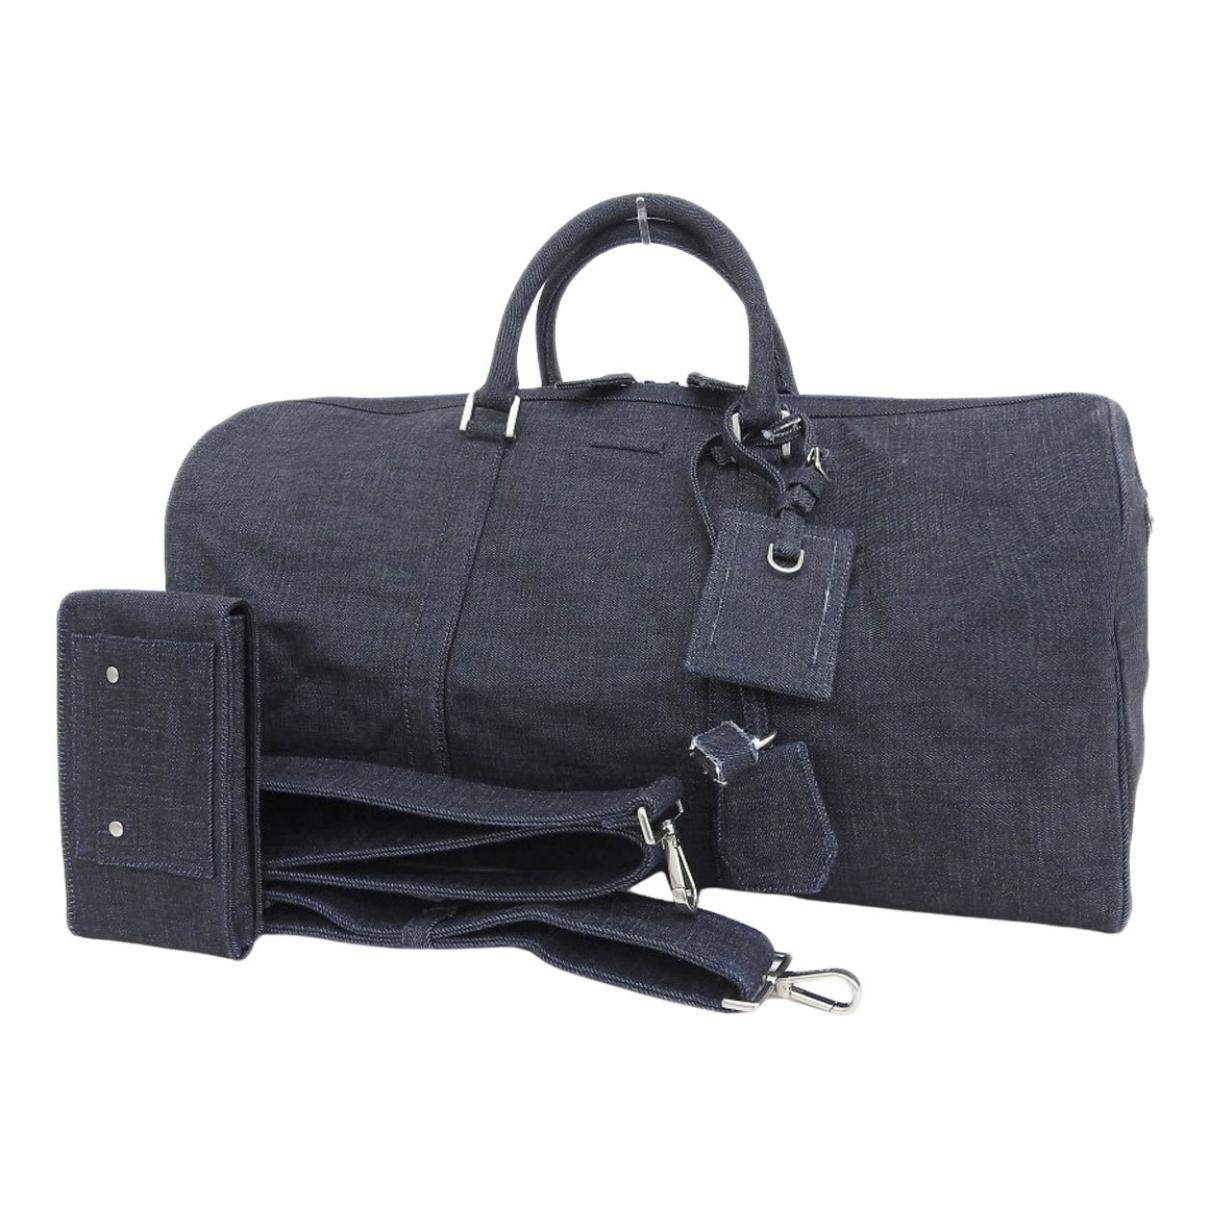 Michael Kors \N Navy Denim - Jeans Travel bag for Women \N